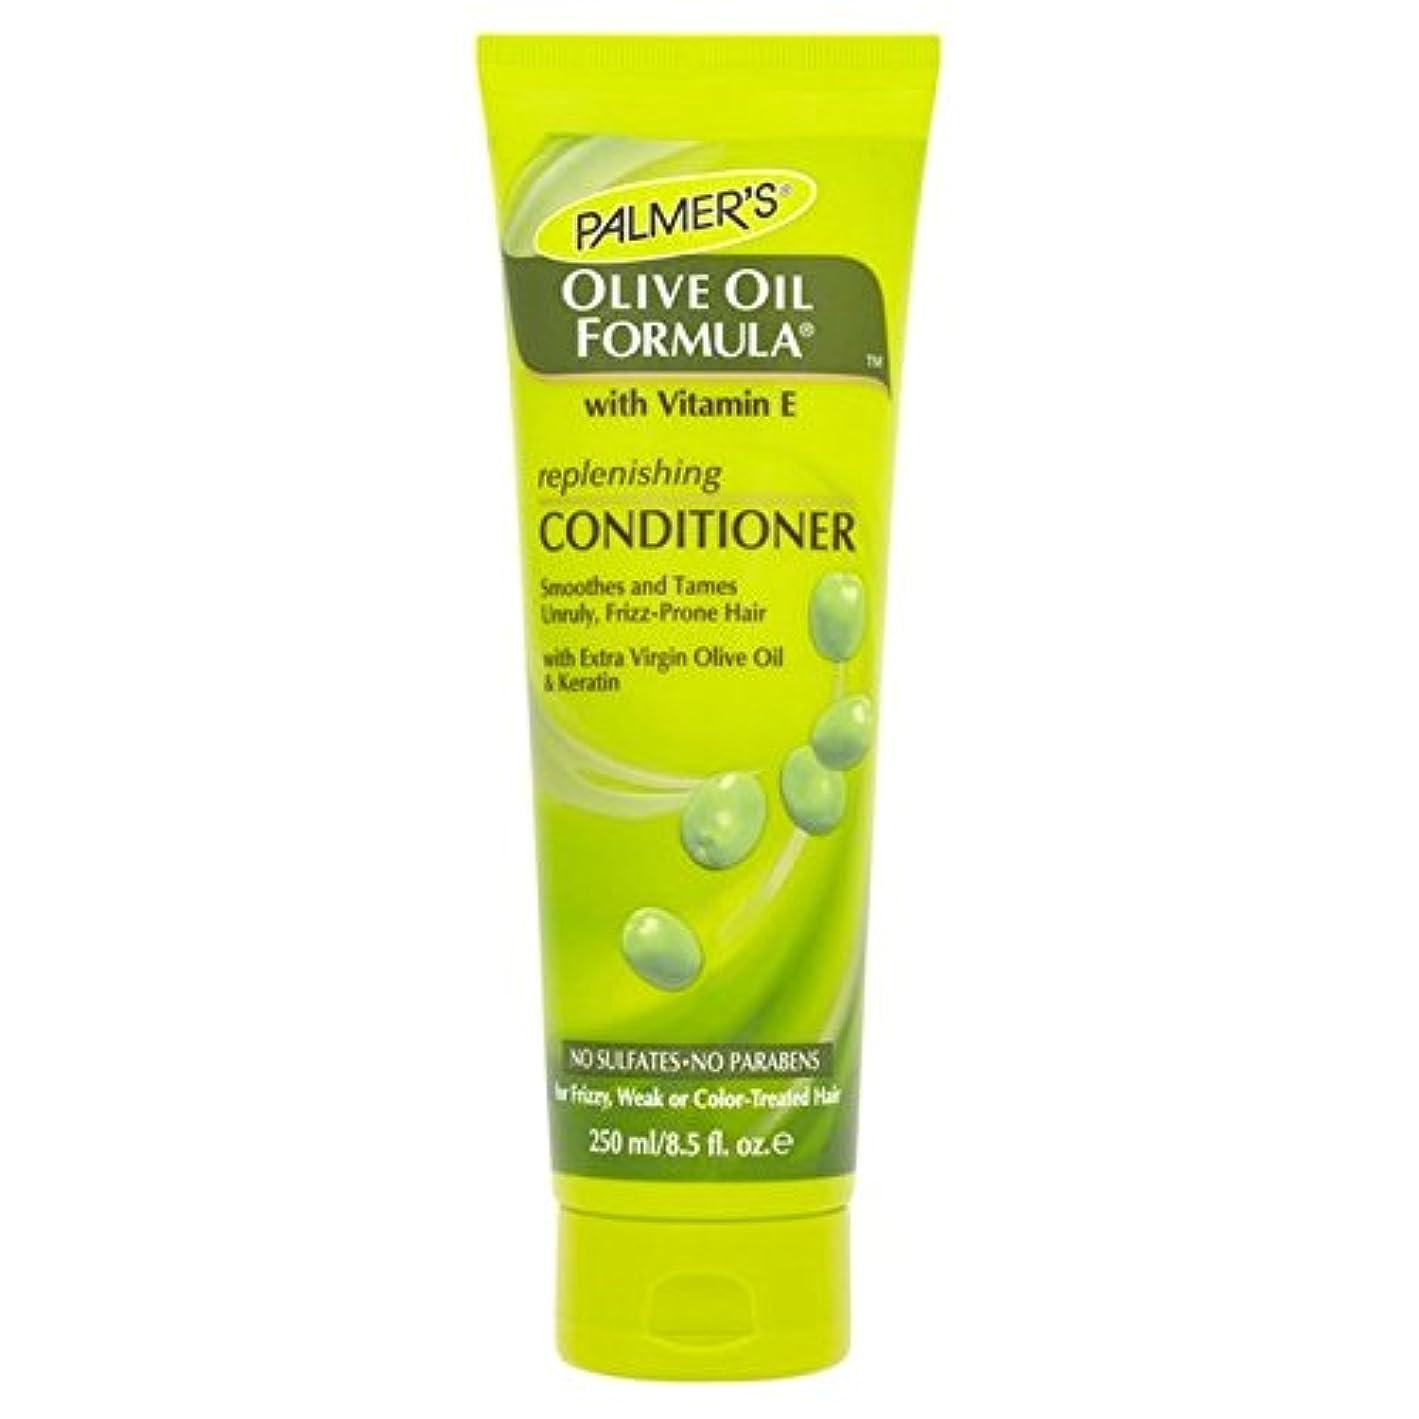 才能地獄掻くパーマーのオリーブオイル式リストアコンディショナー250 x4 - Palmer's Olive Oil Formula Restoring Conditioner 250ml (Pack of 4) [並行輸入品]